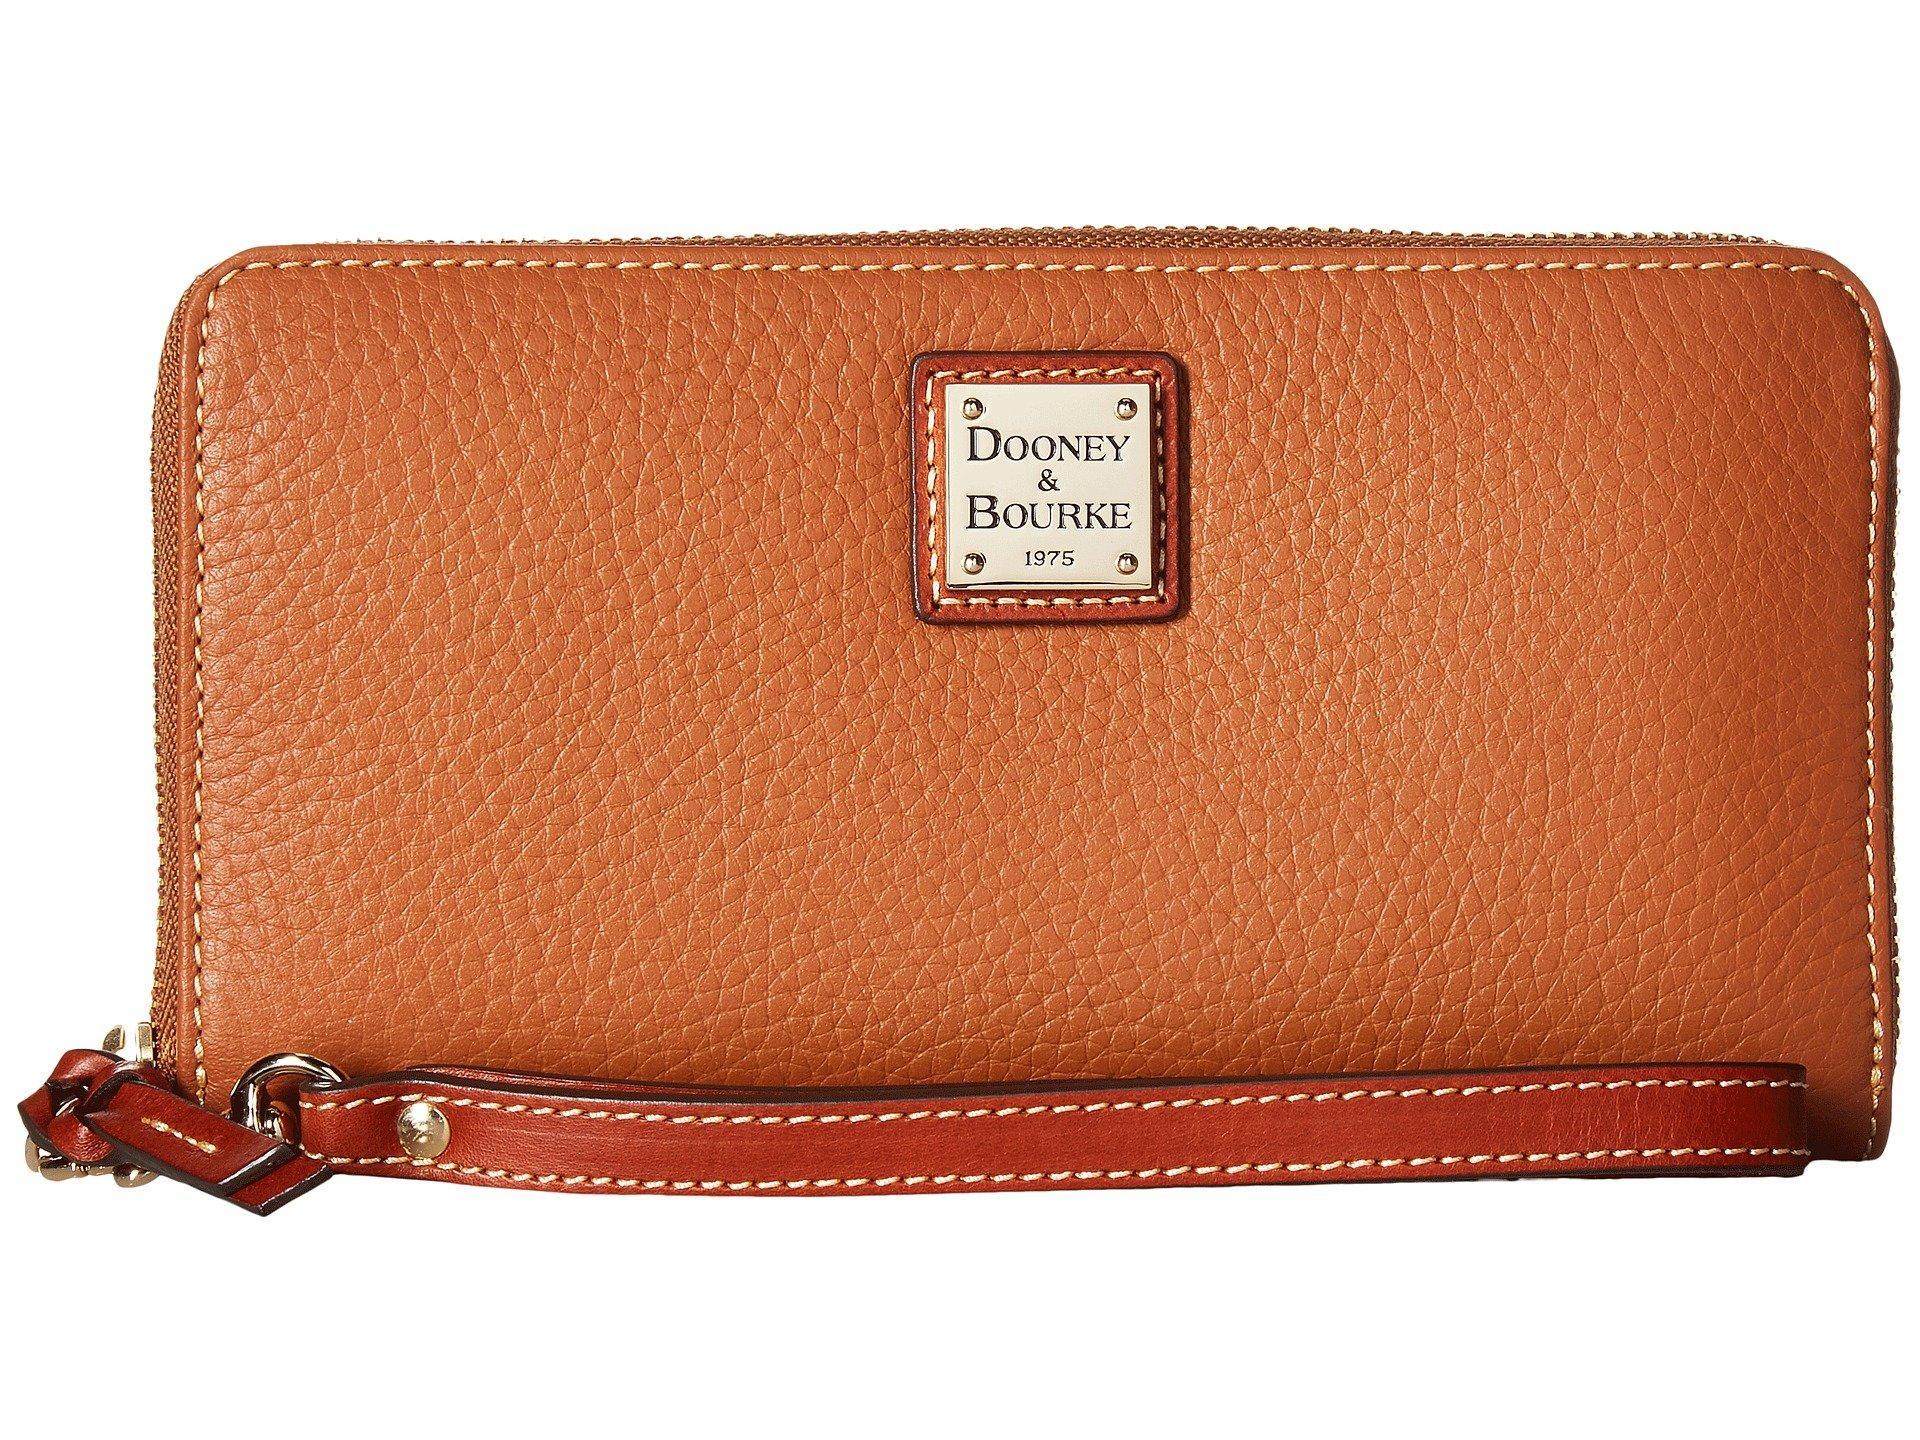 Lyst - Dooney & Bourke Pebble Leather Large Zip Around